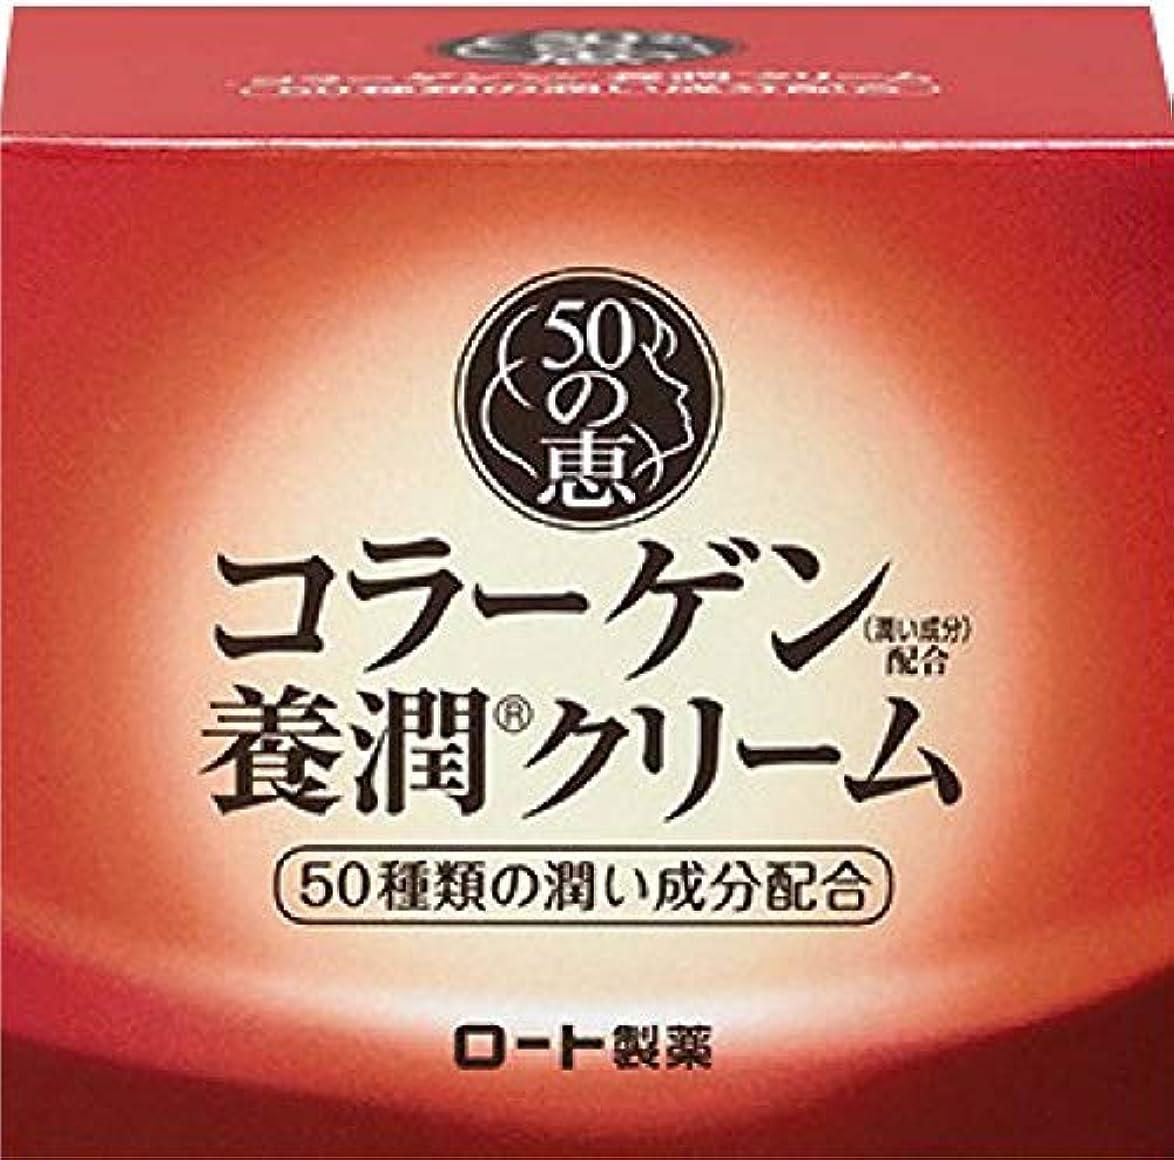 より多いフランクワースリーアーティキュレーションロート製薬 50の恵エイジングケア 養潤成分50種類配合 クリーム 90g